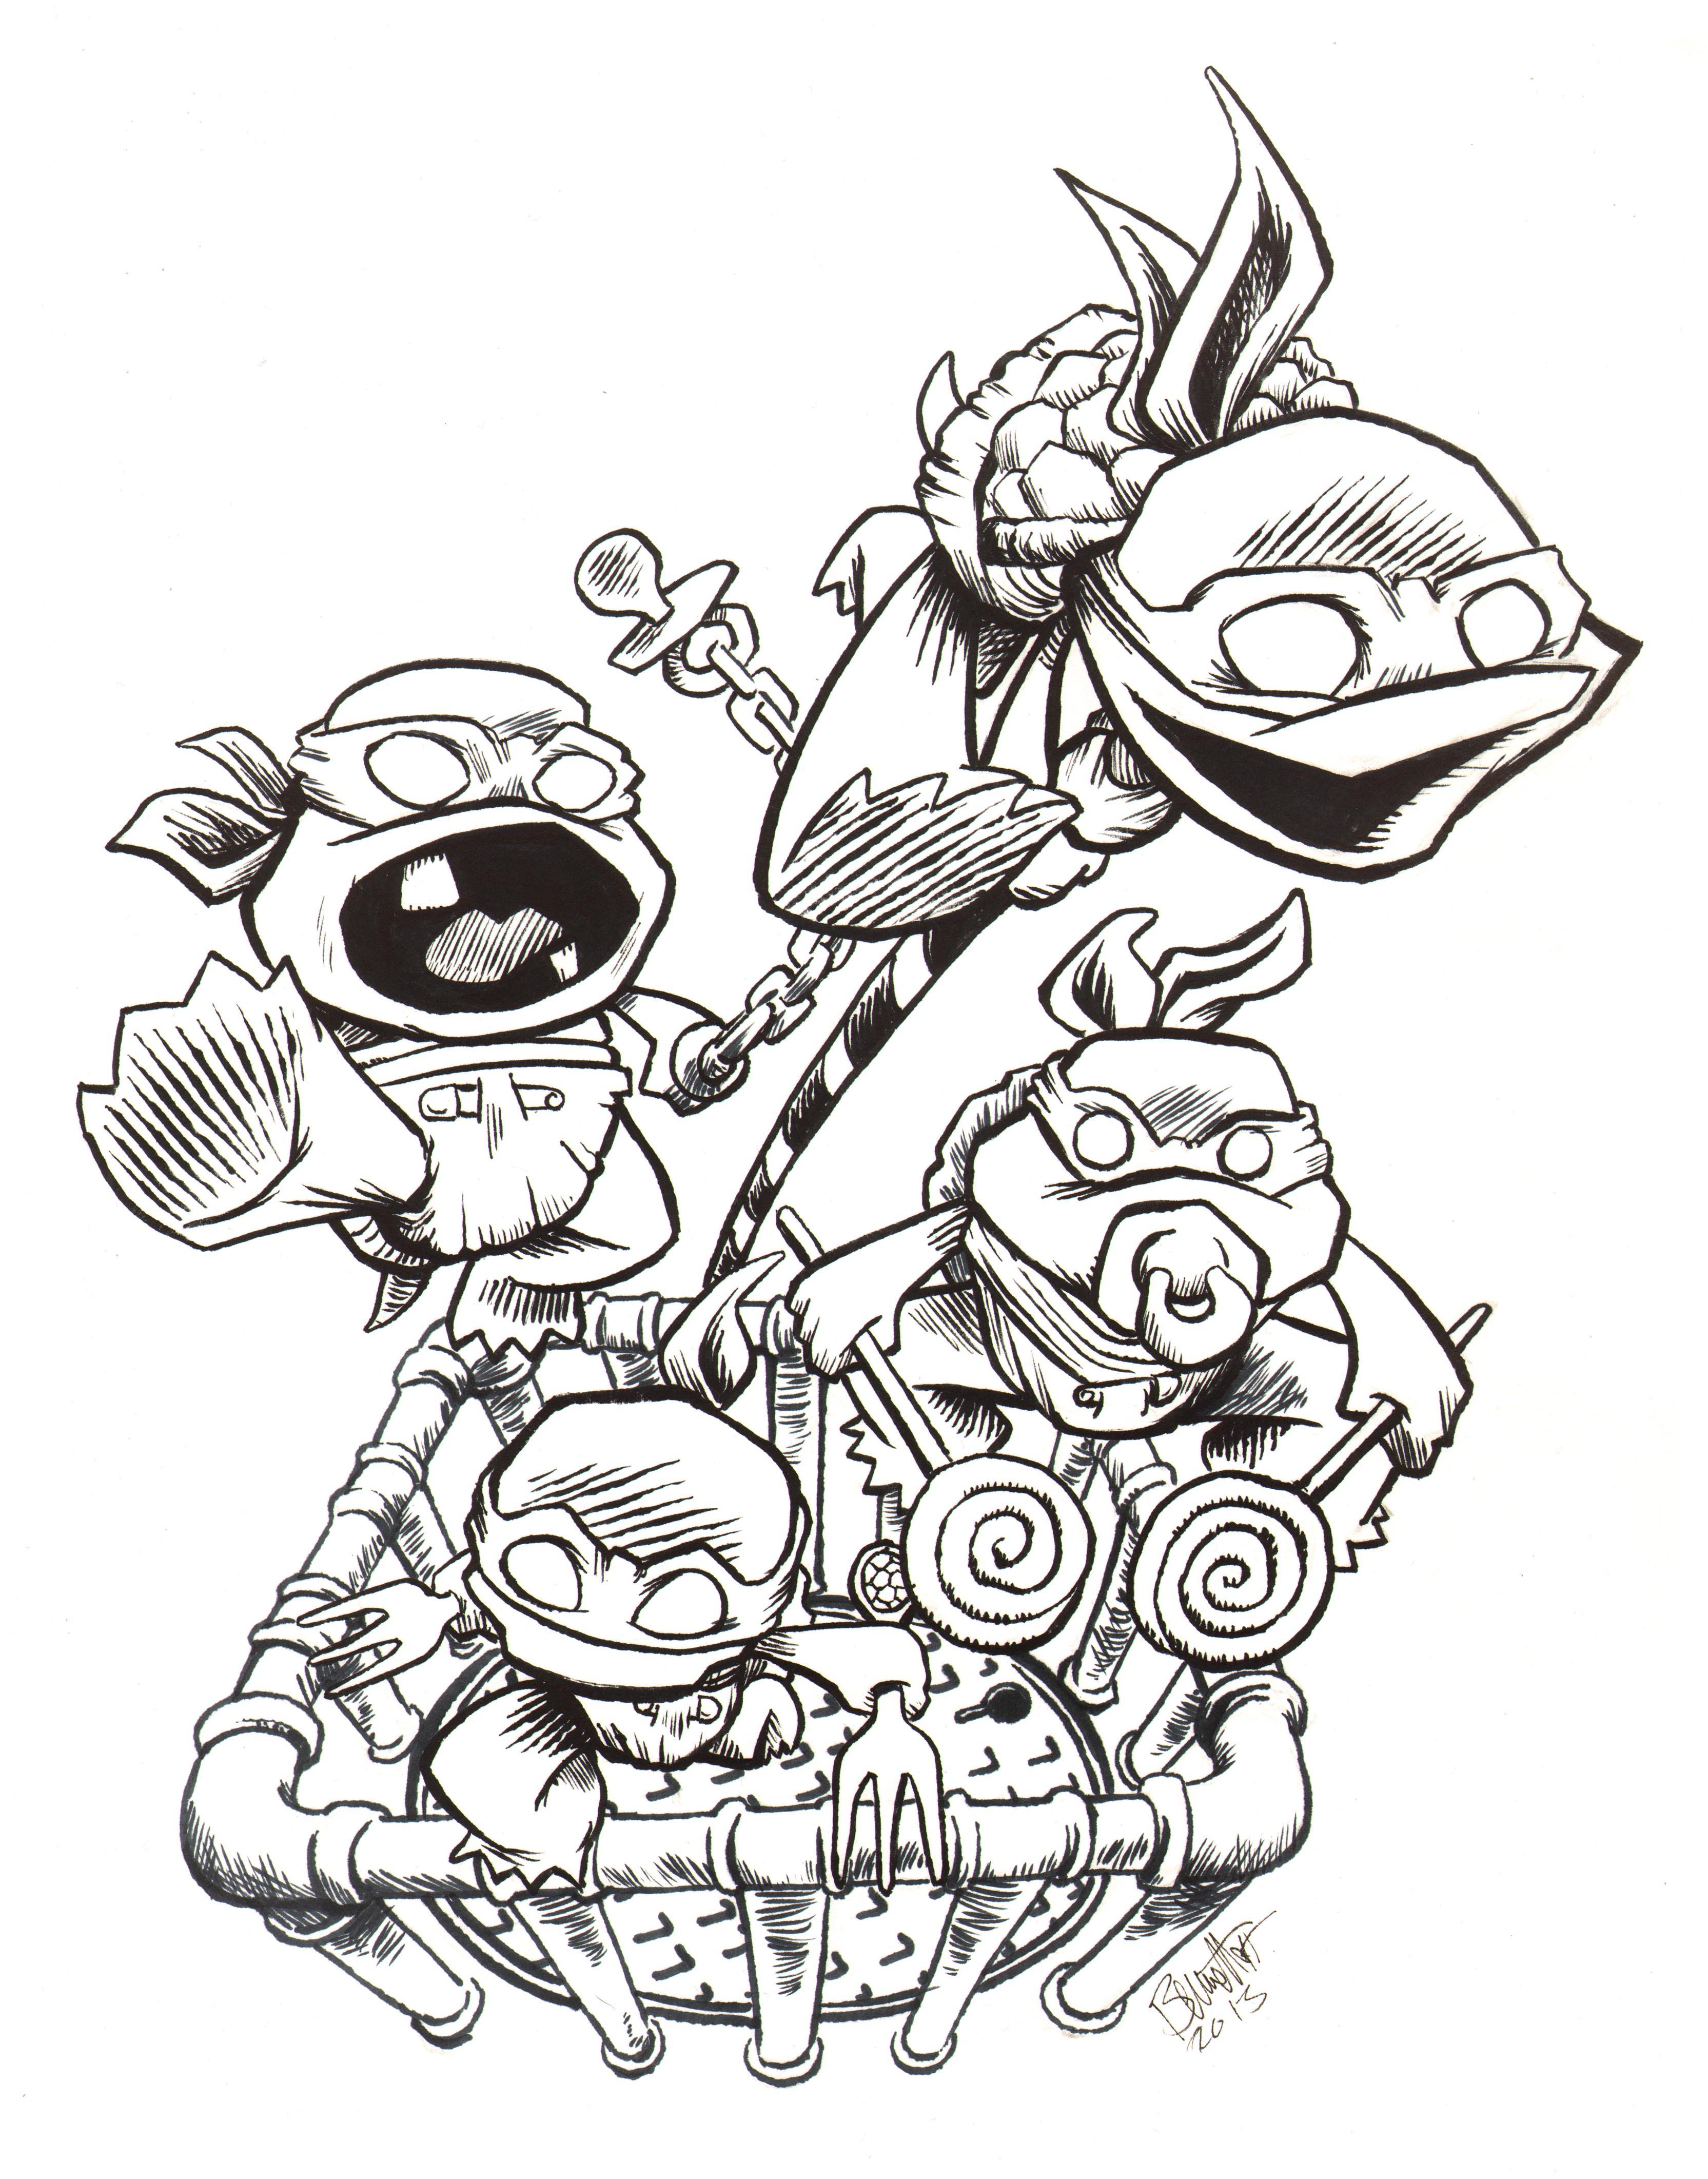 Toddler Mutant Ninja Turtles by artistjerrybennett on ...